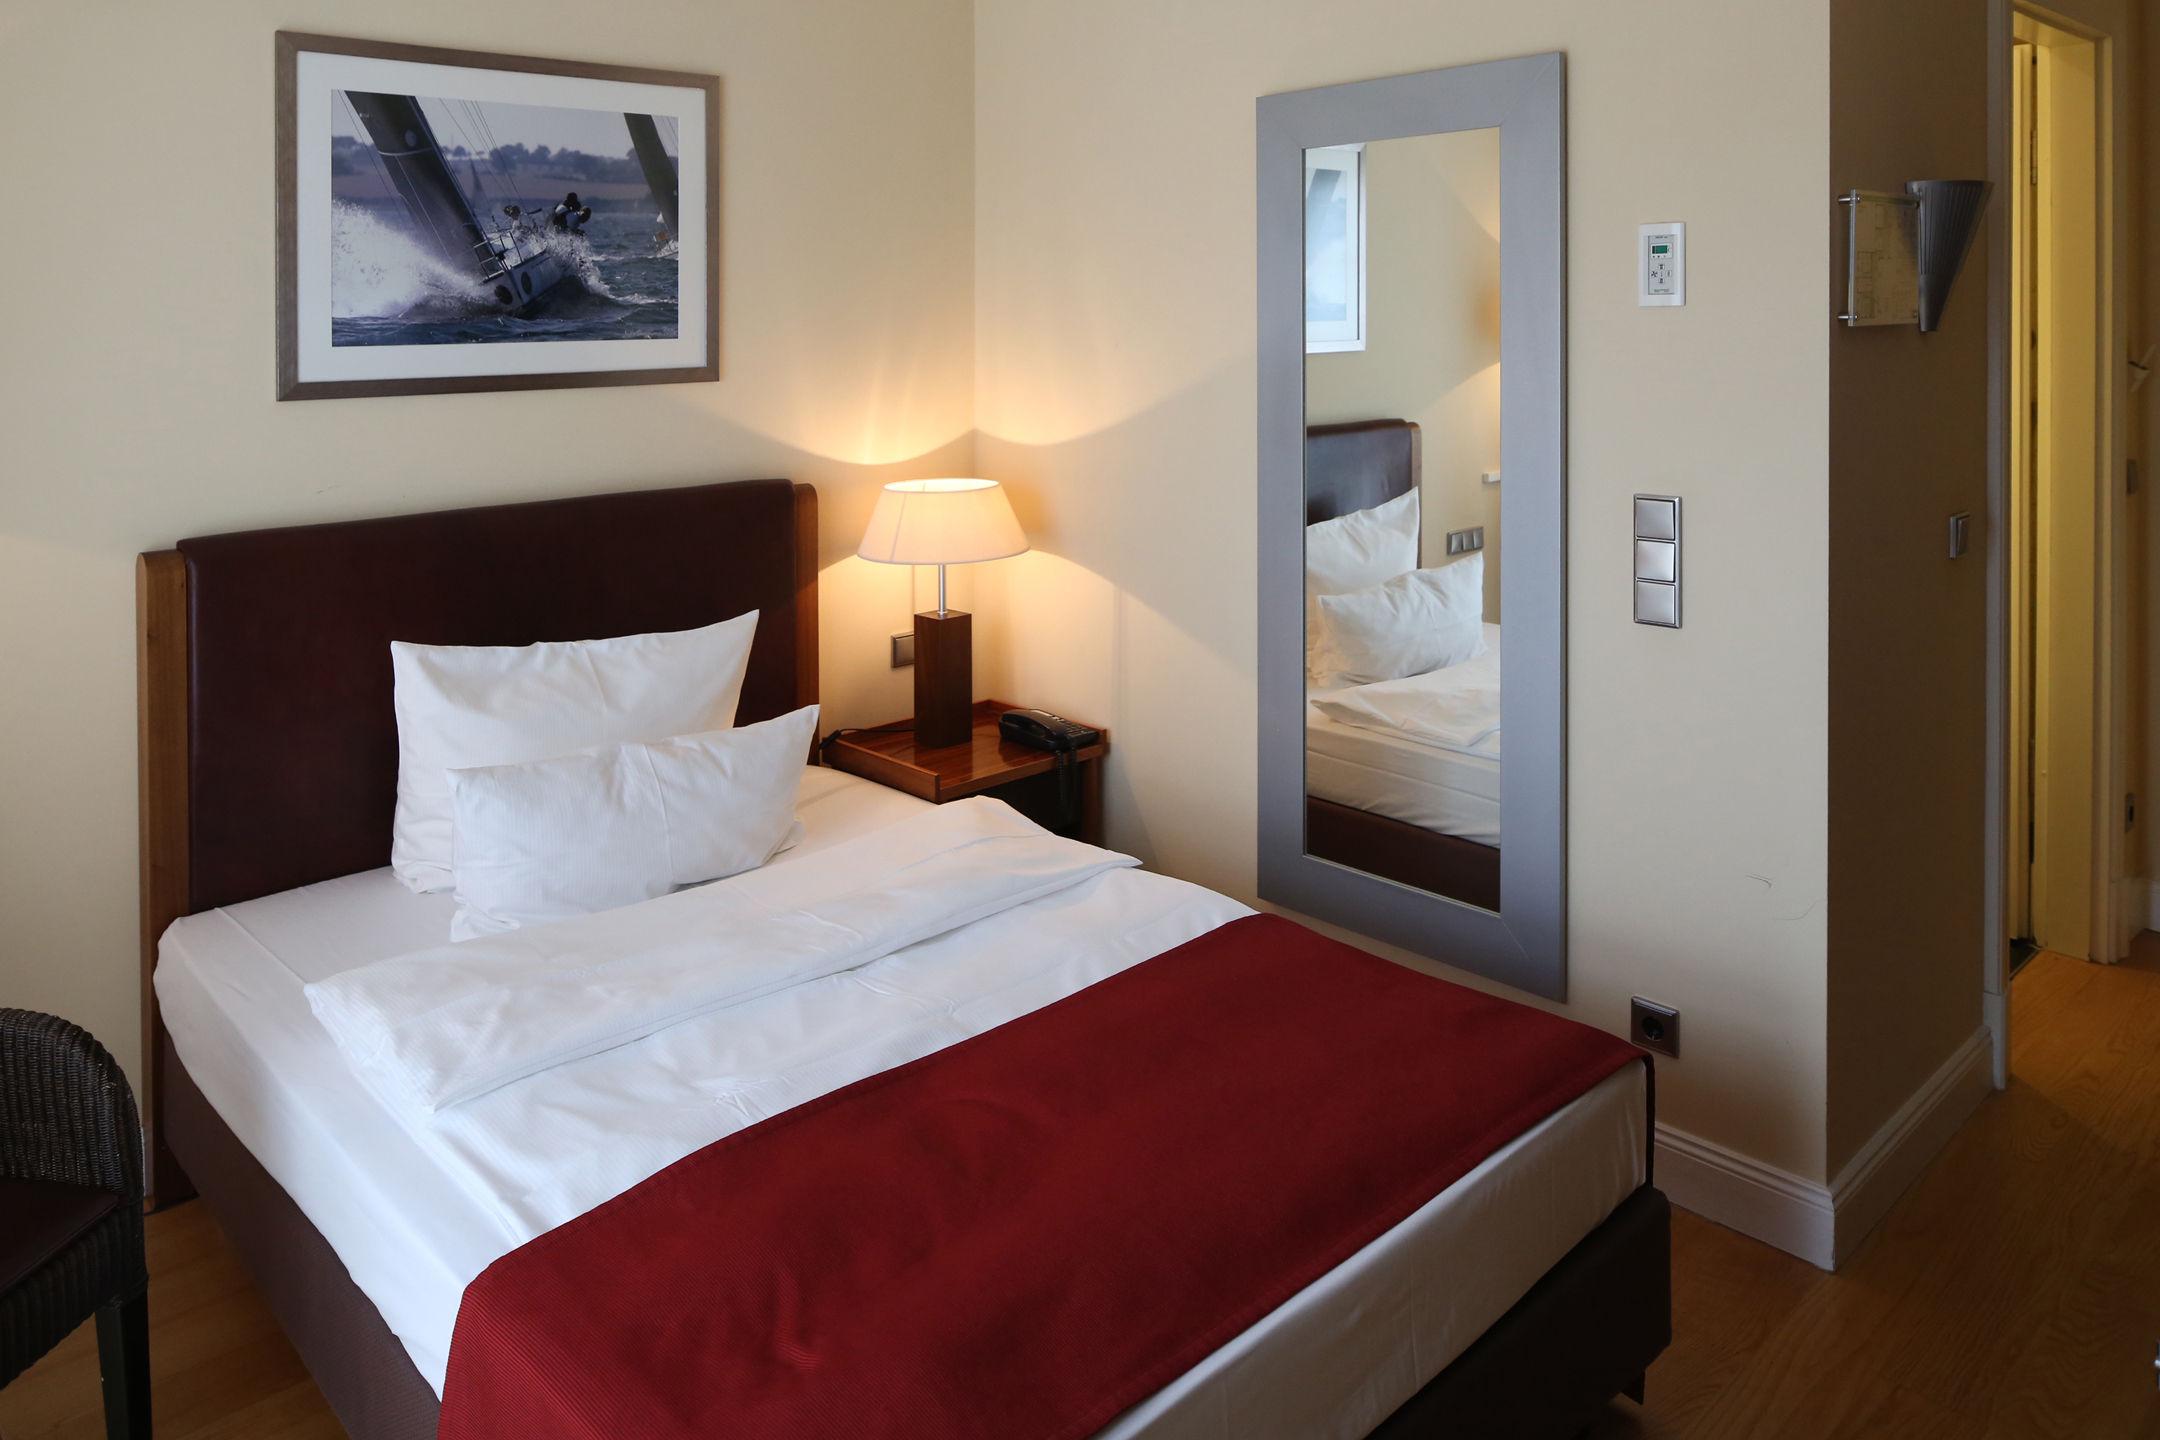 atlantic grand hotel travem nde einzelzimmer. Black Bedroom Furniture Sets. Home Design Ideas